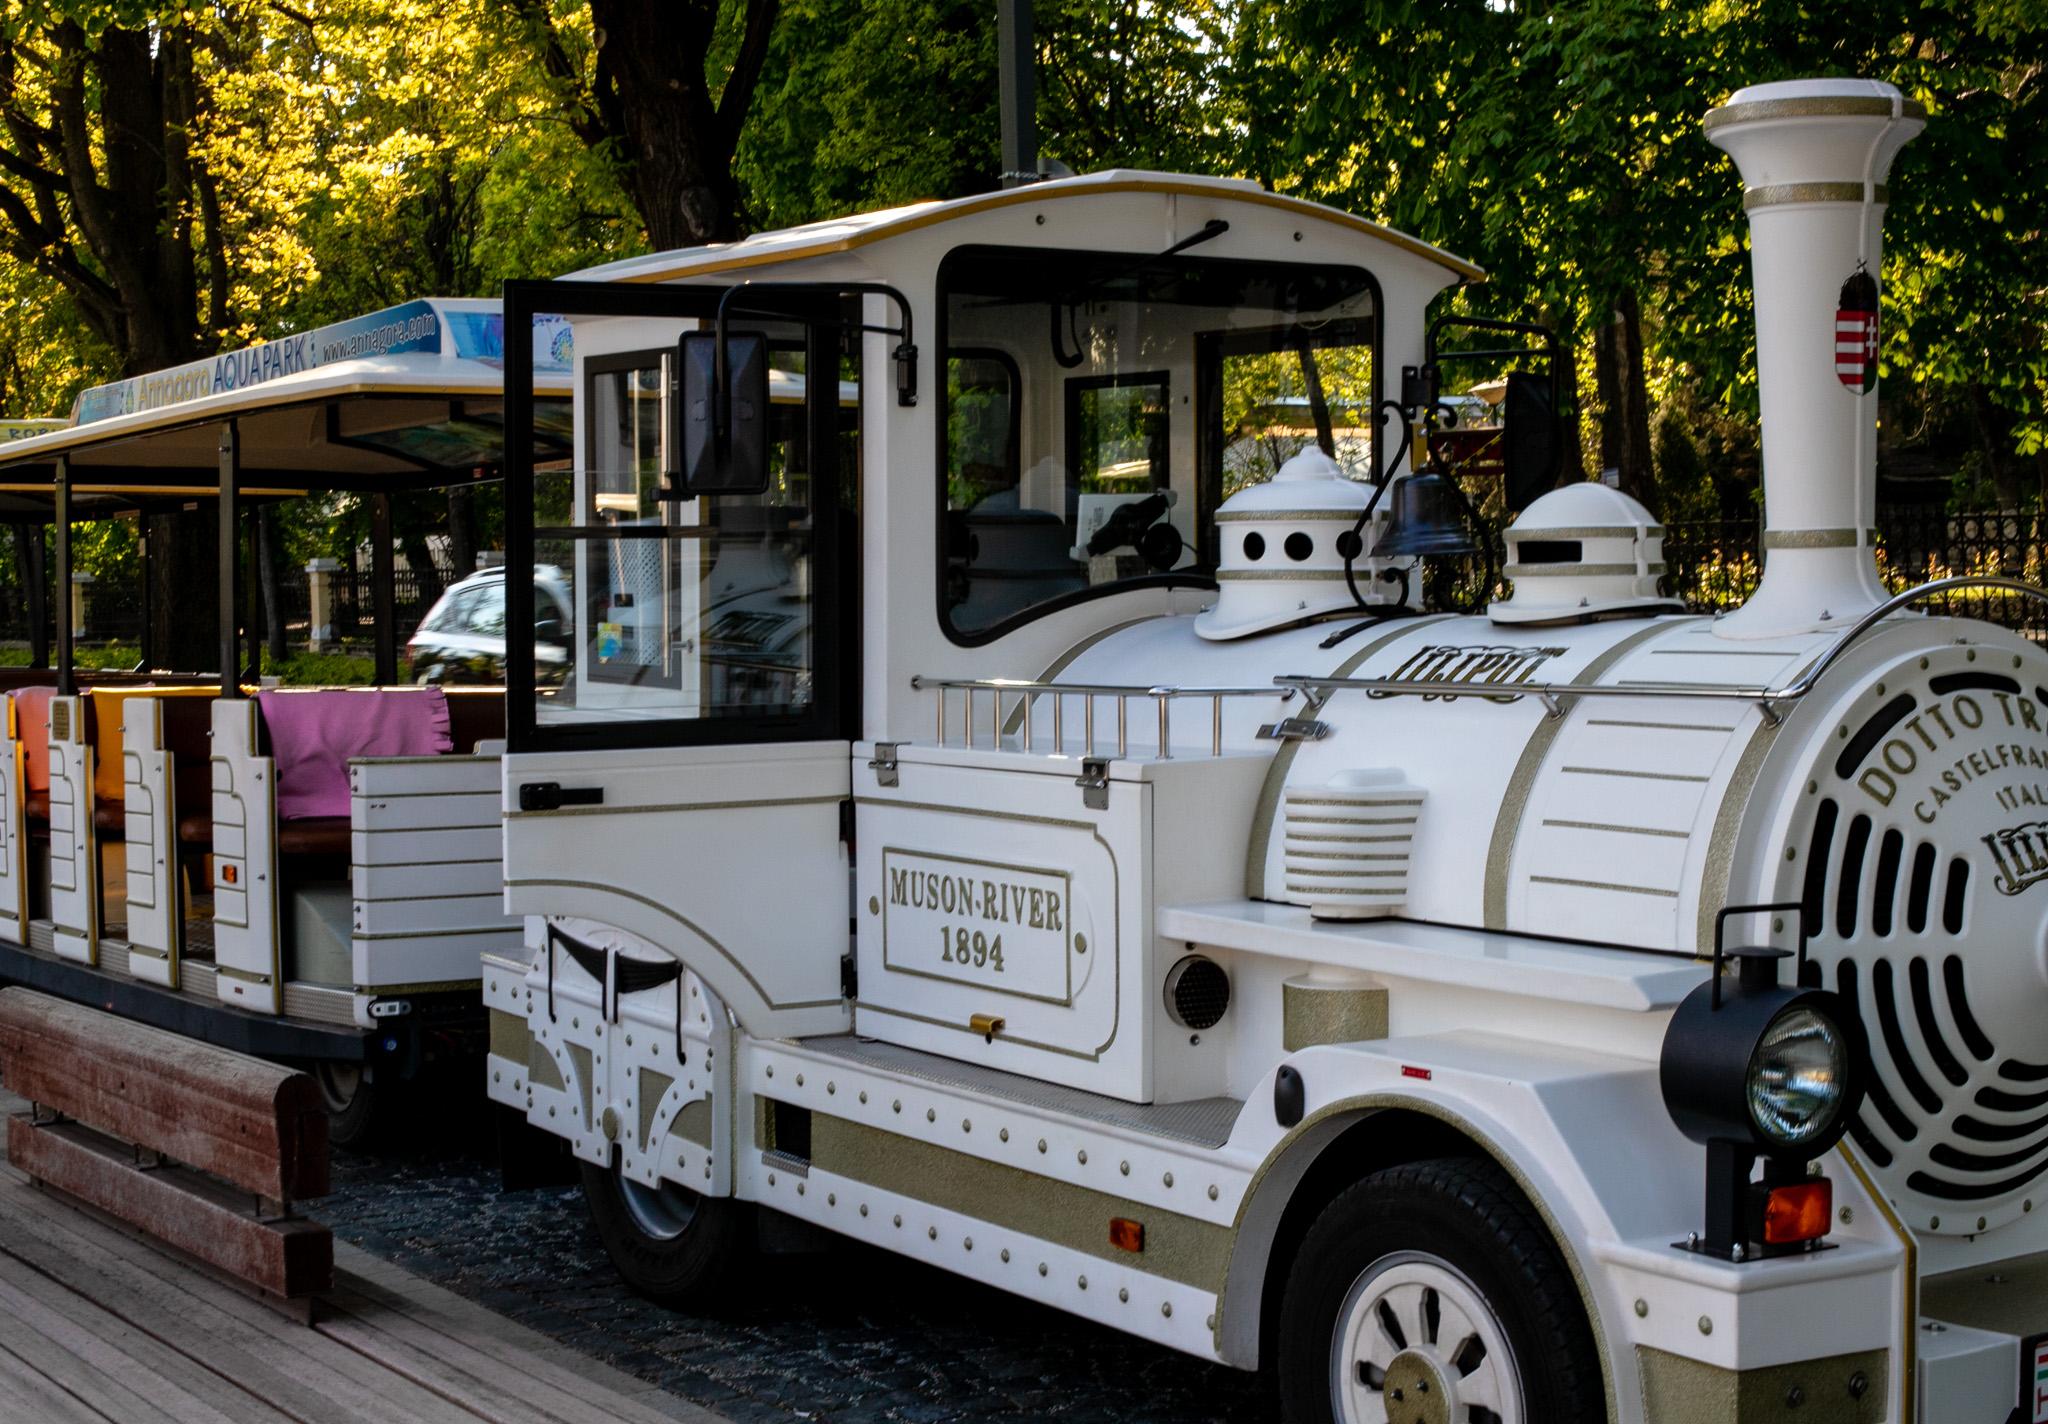 village train